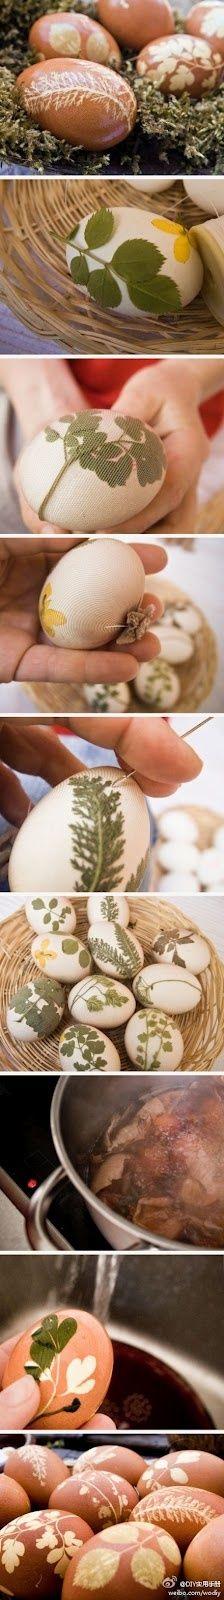 Decorar huevos cocidos